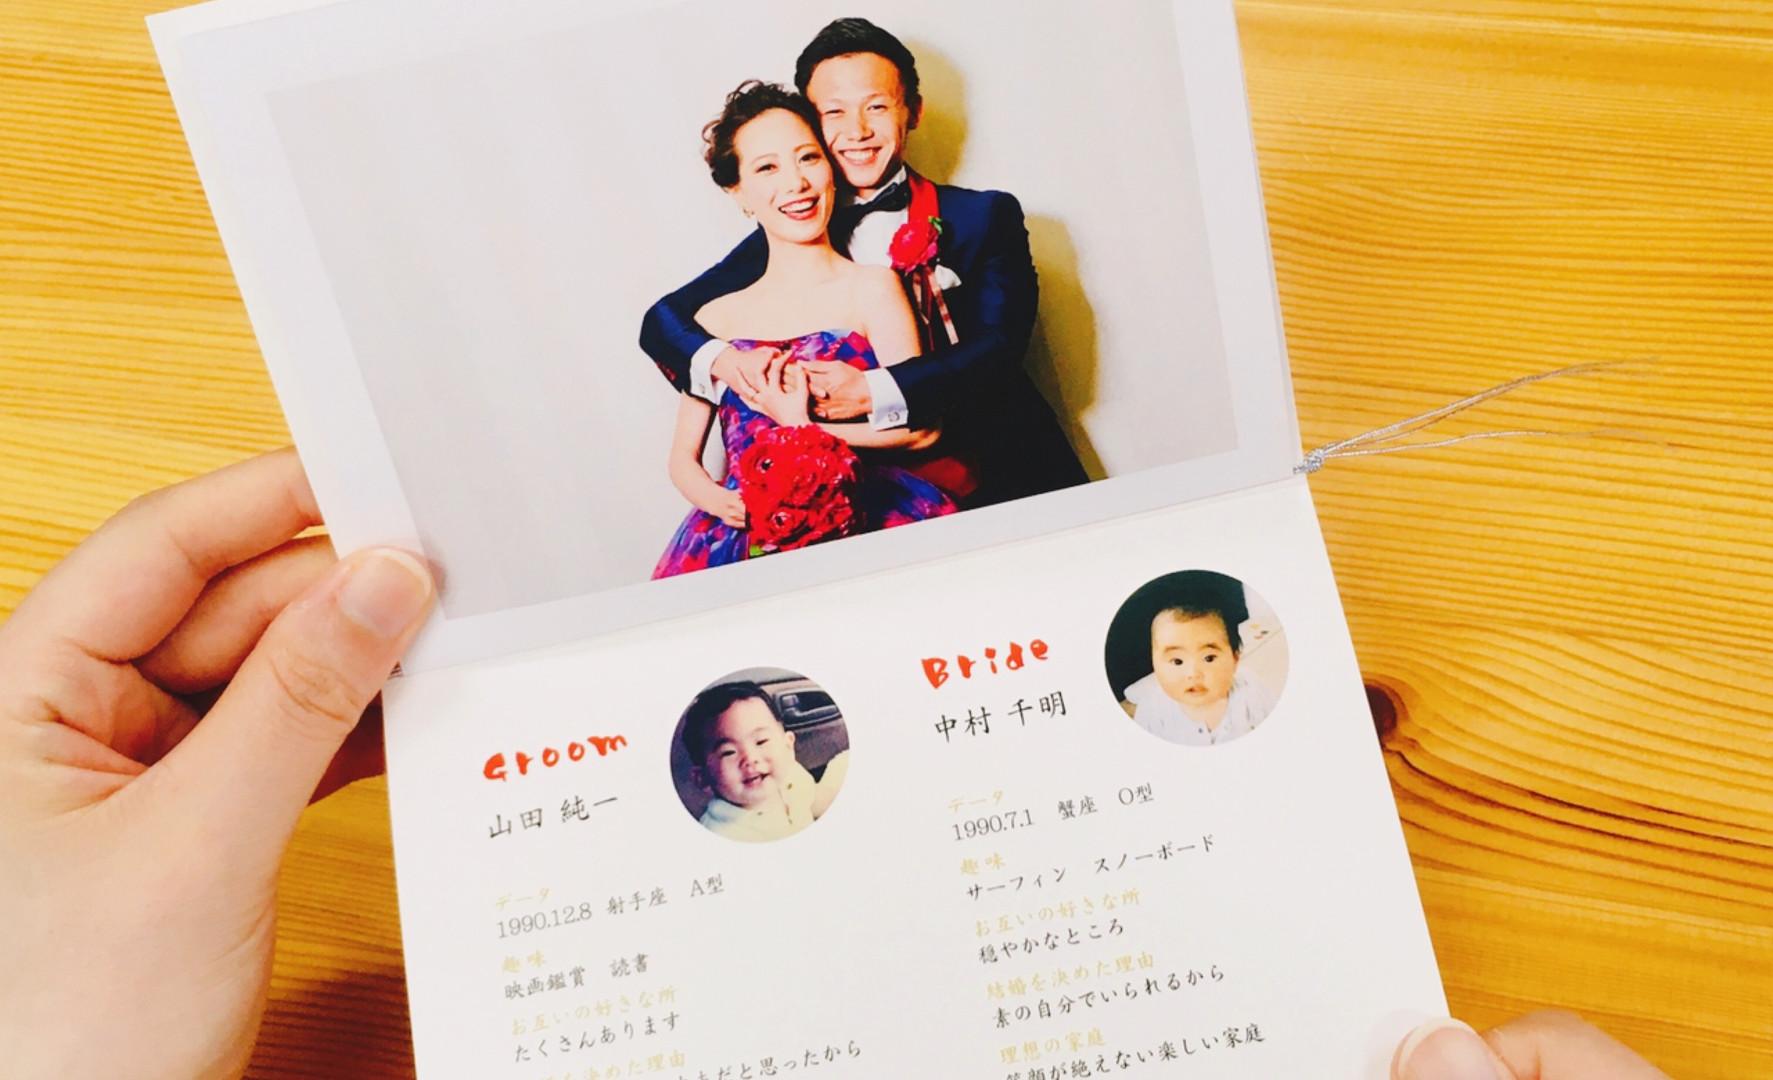 手持ち Just married デザイン9-B-4.jpg